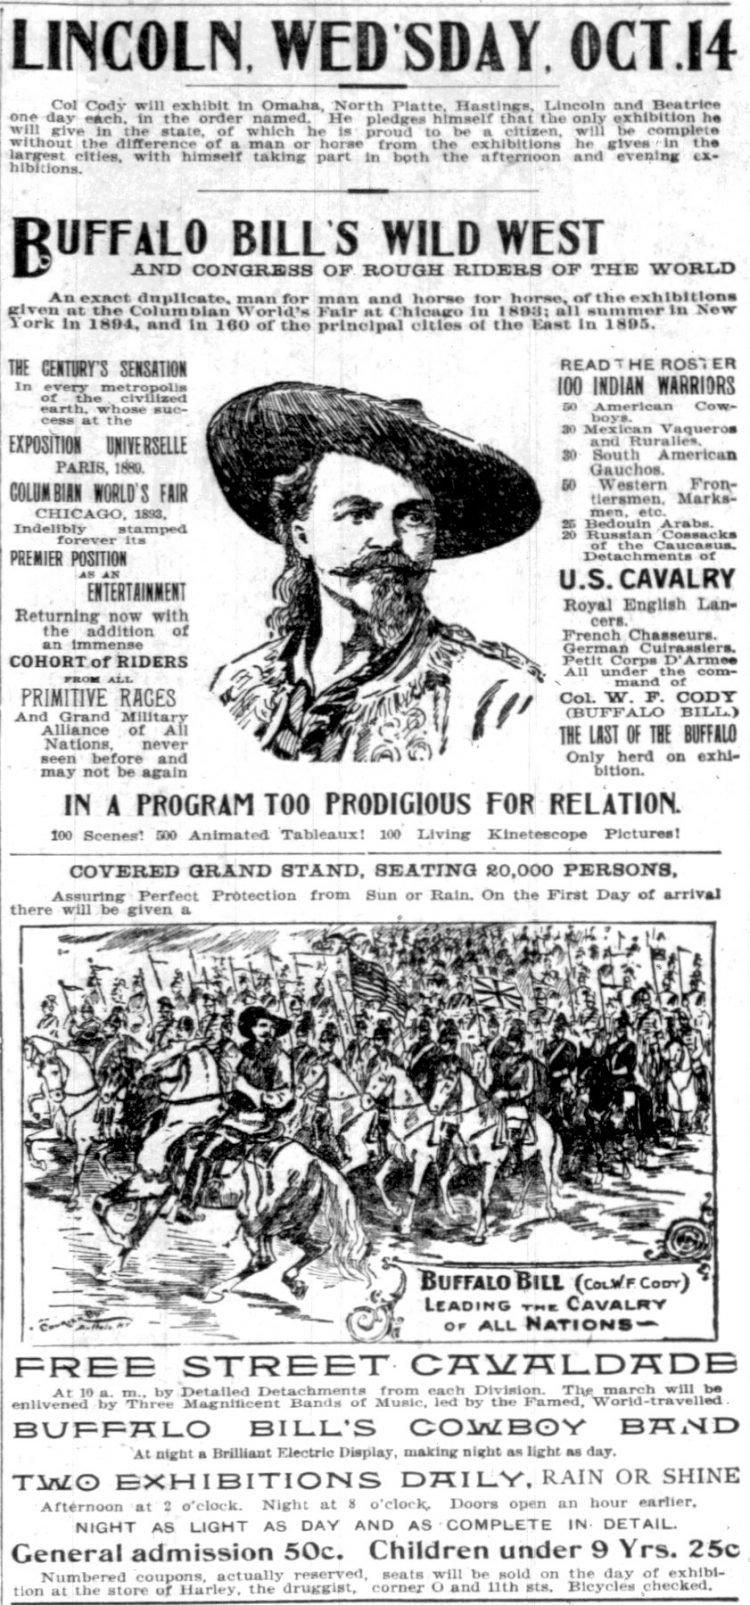 Buffalo Bill's Wild West (1896)